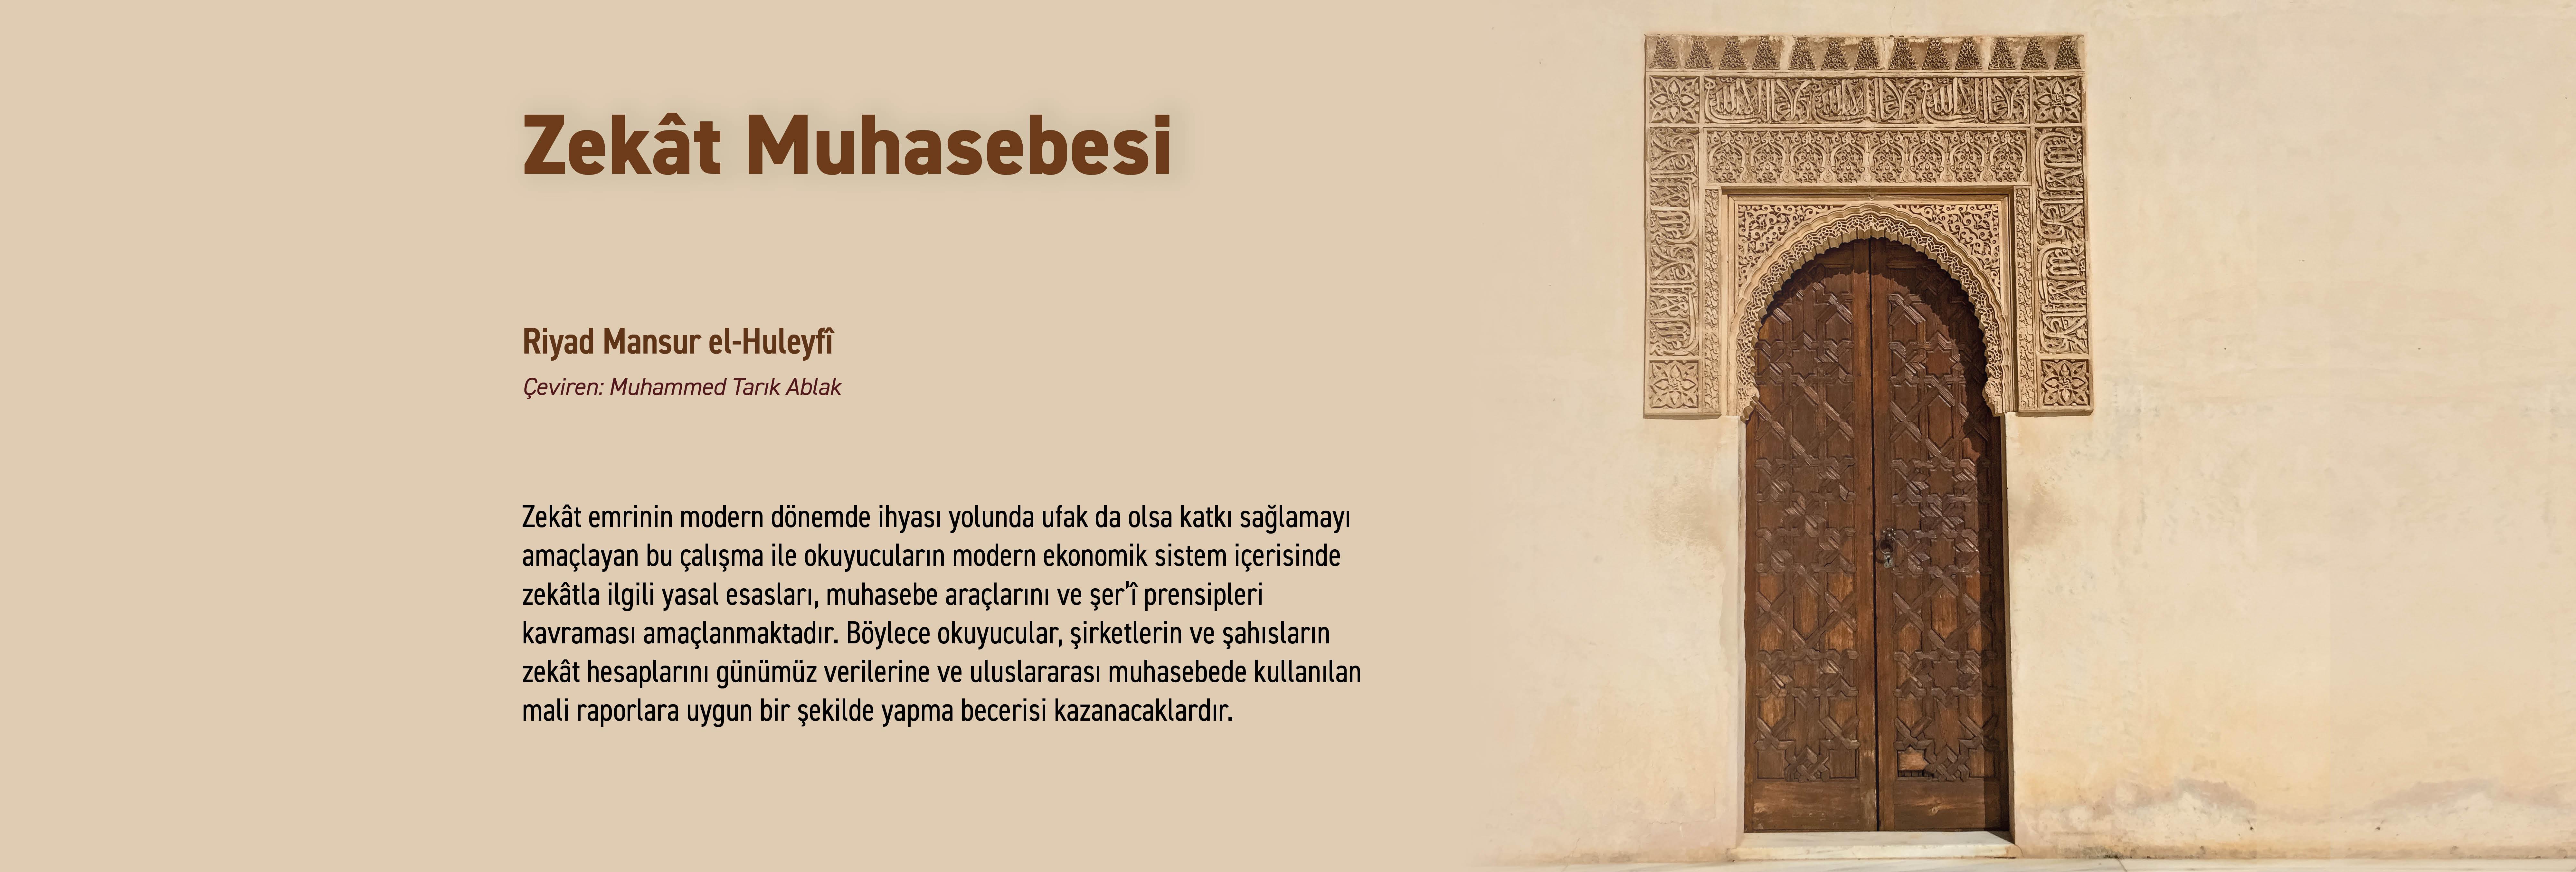 http://iktisatyayinlari.com/content/1-home/011.zekat-muhasebesi-web.jpg